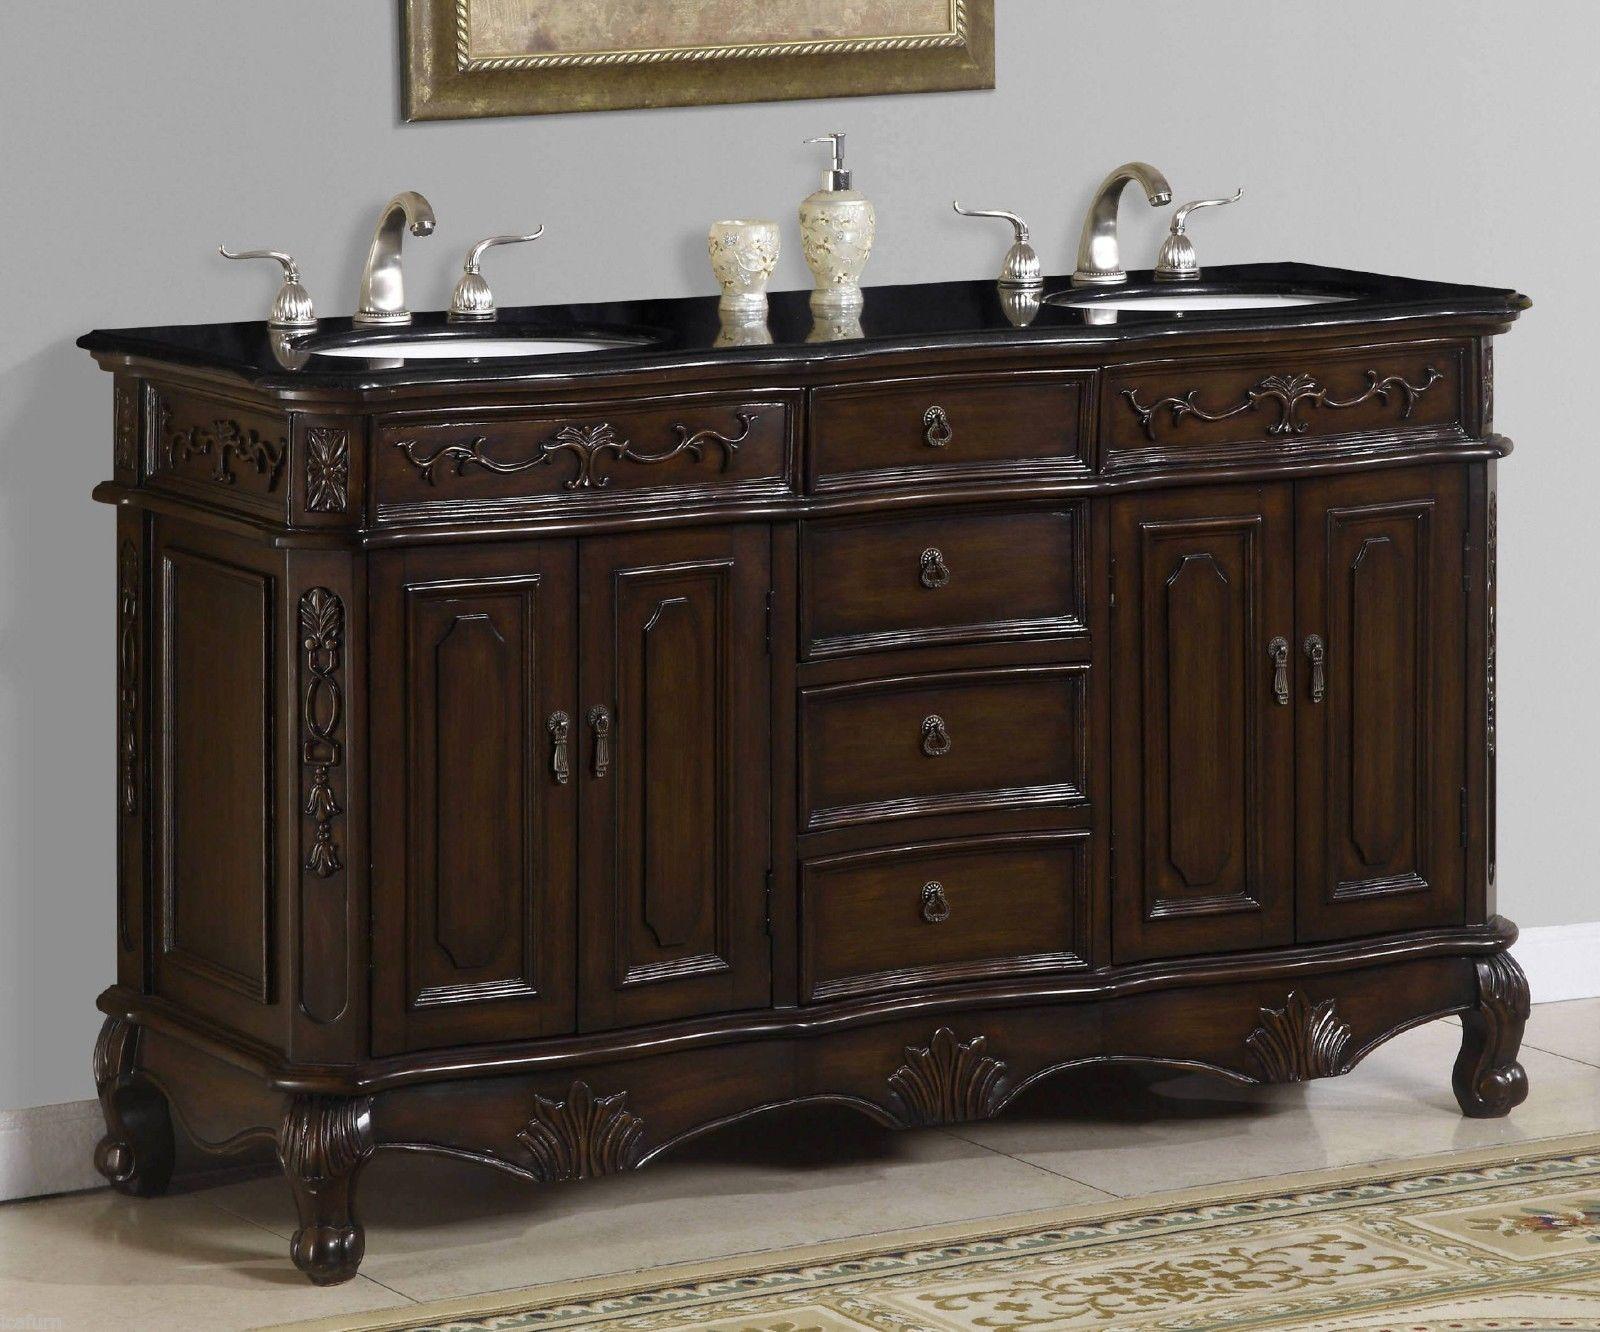 60 Inch Double Sink Vanity With Black Granite Top Item 1160 Ebay